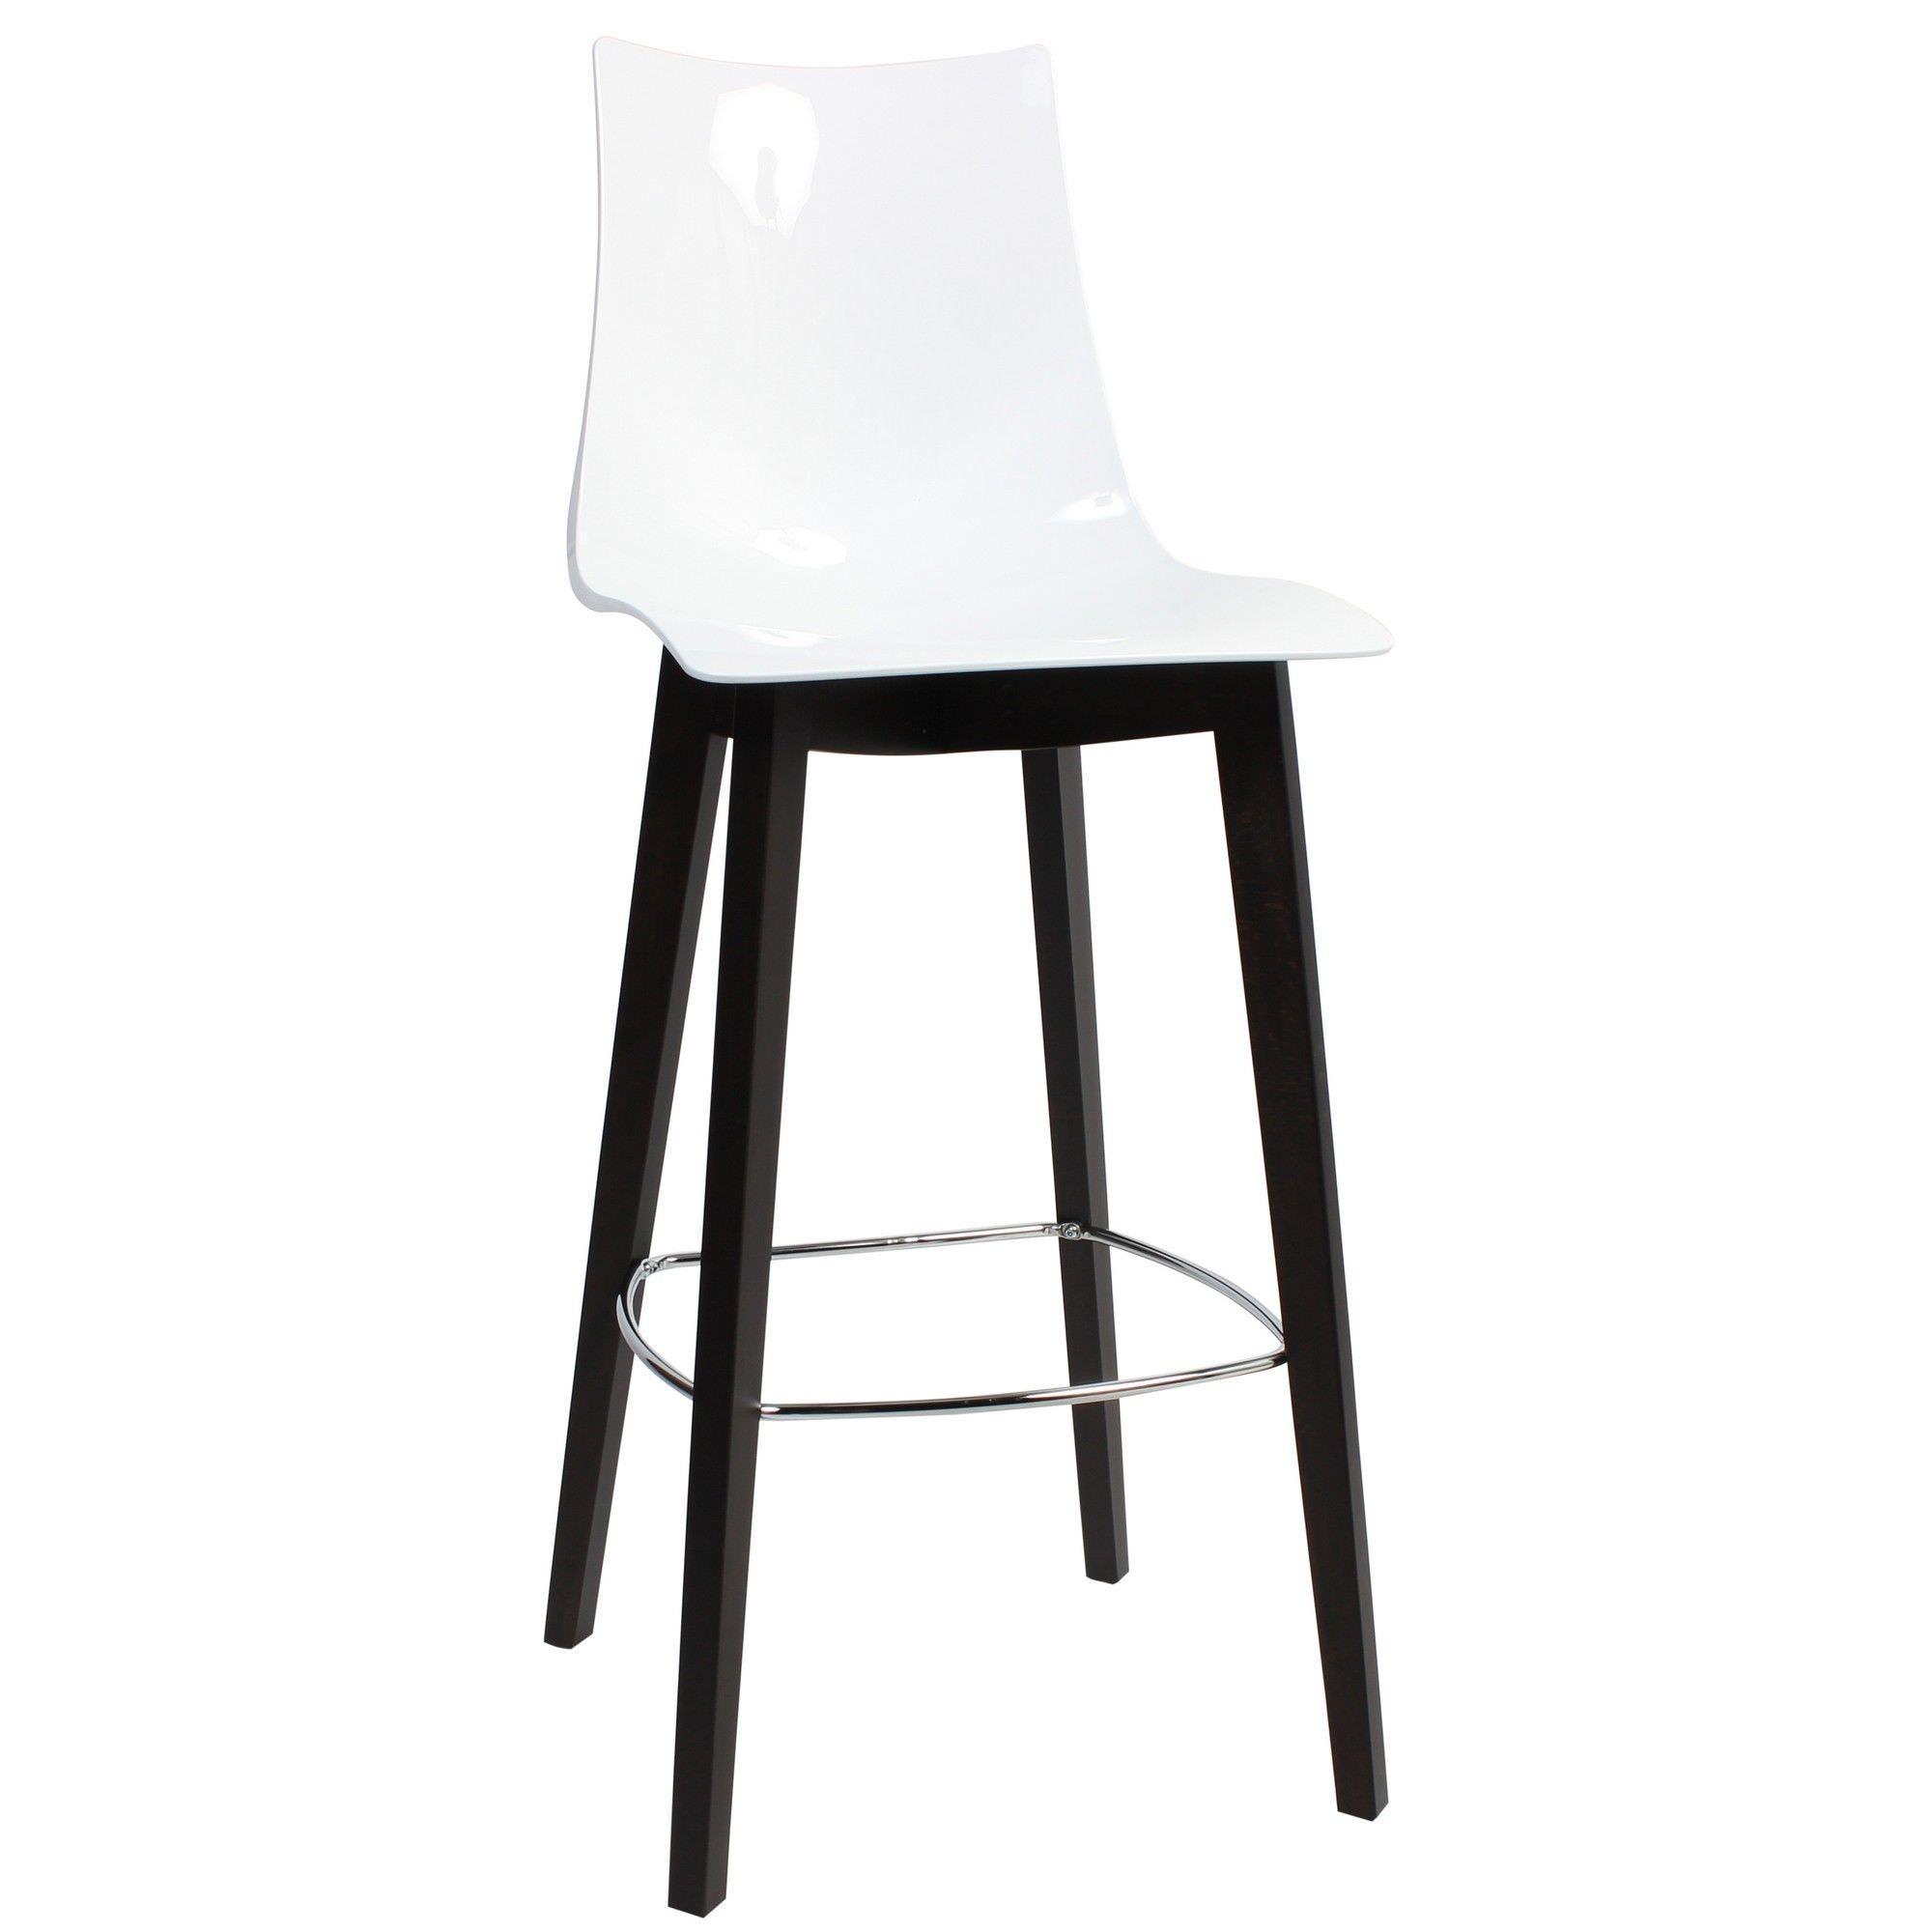 Zebra Italian Made Commercial Grade Bar Stool, Timber Leg, White / Wenge